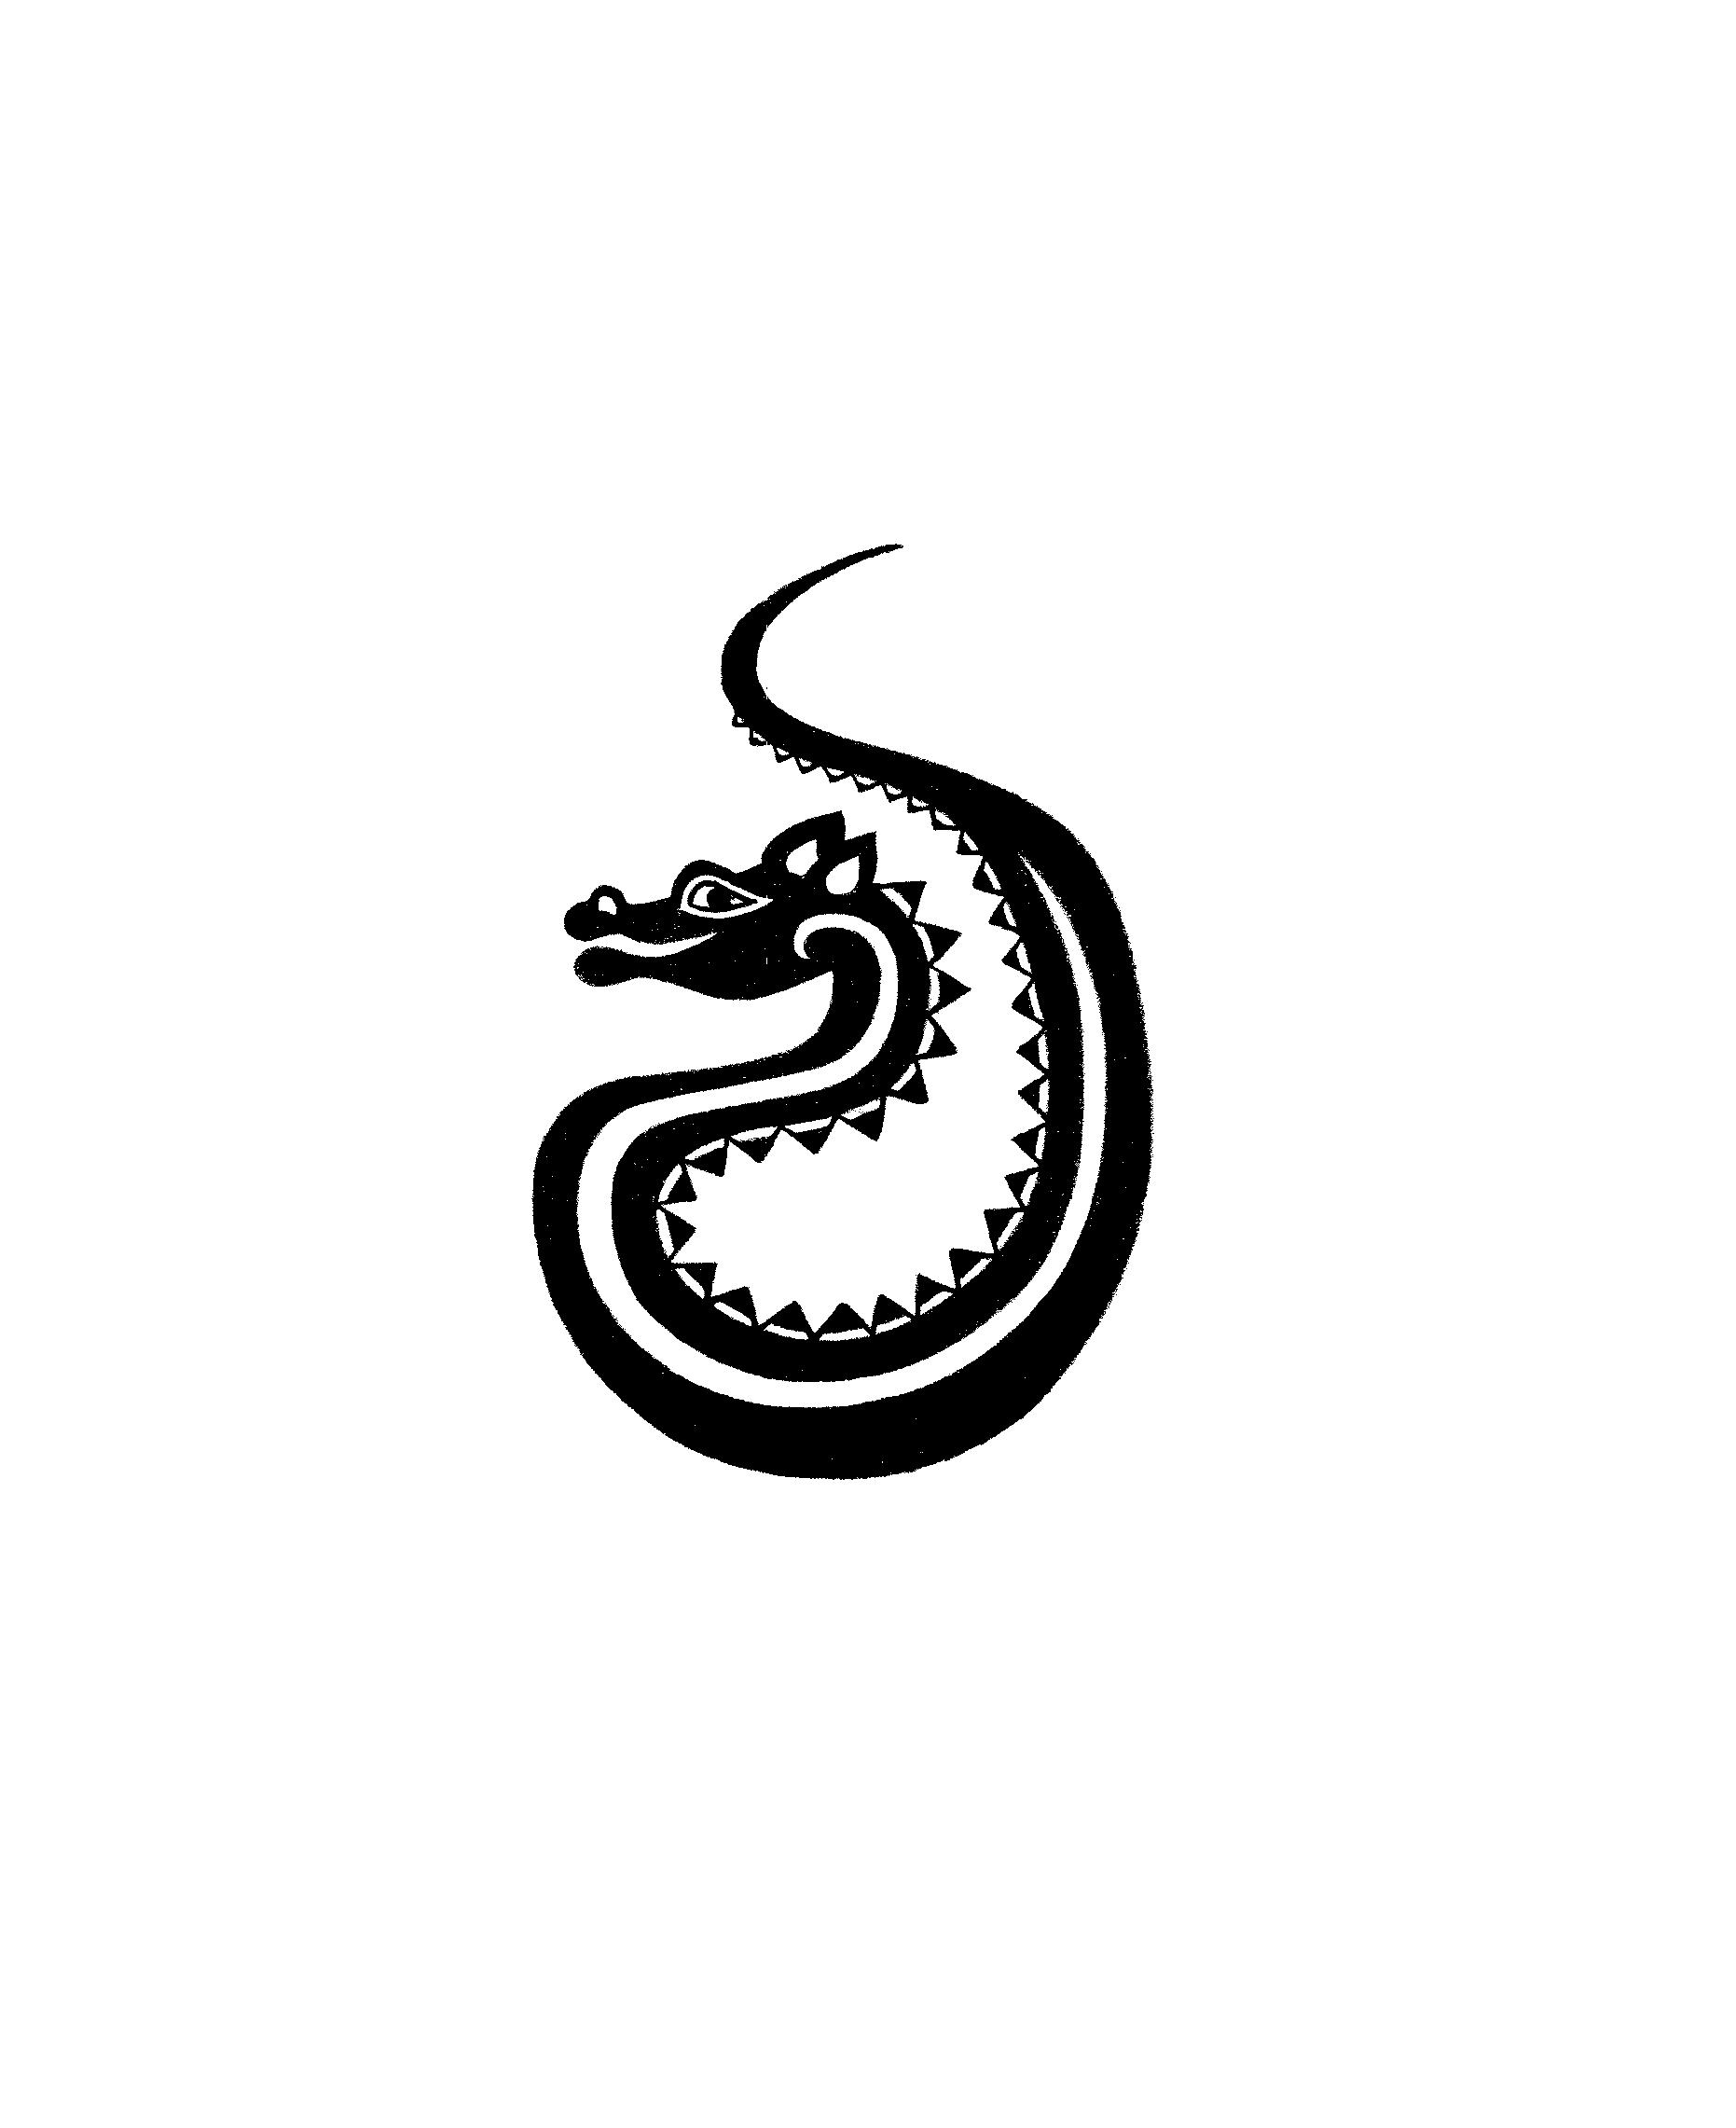 Zeichnung Drache